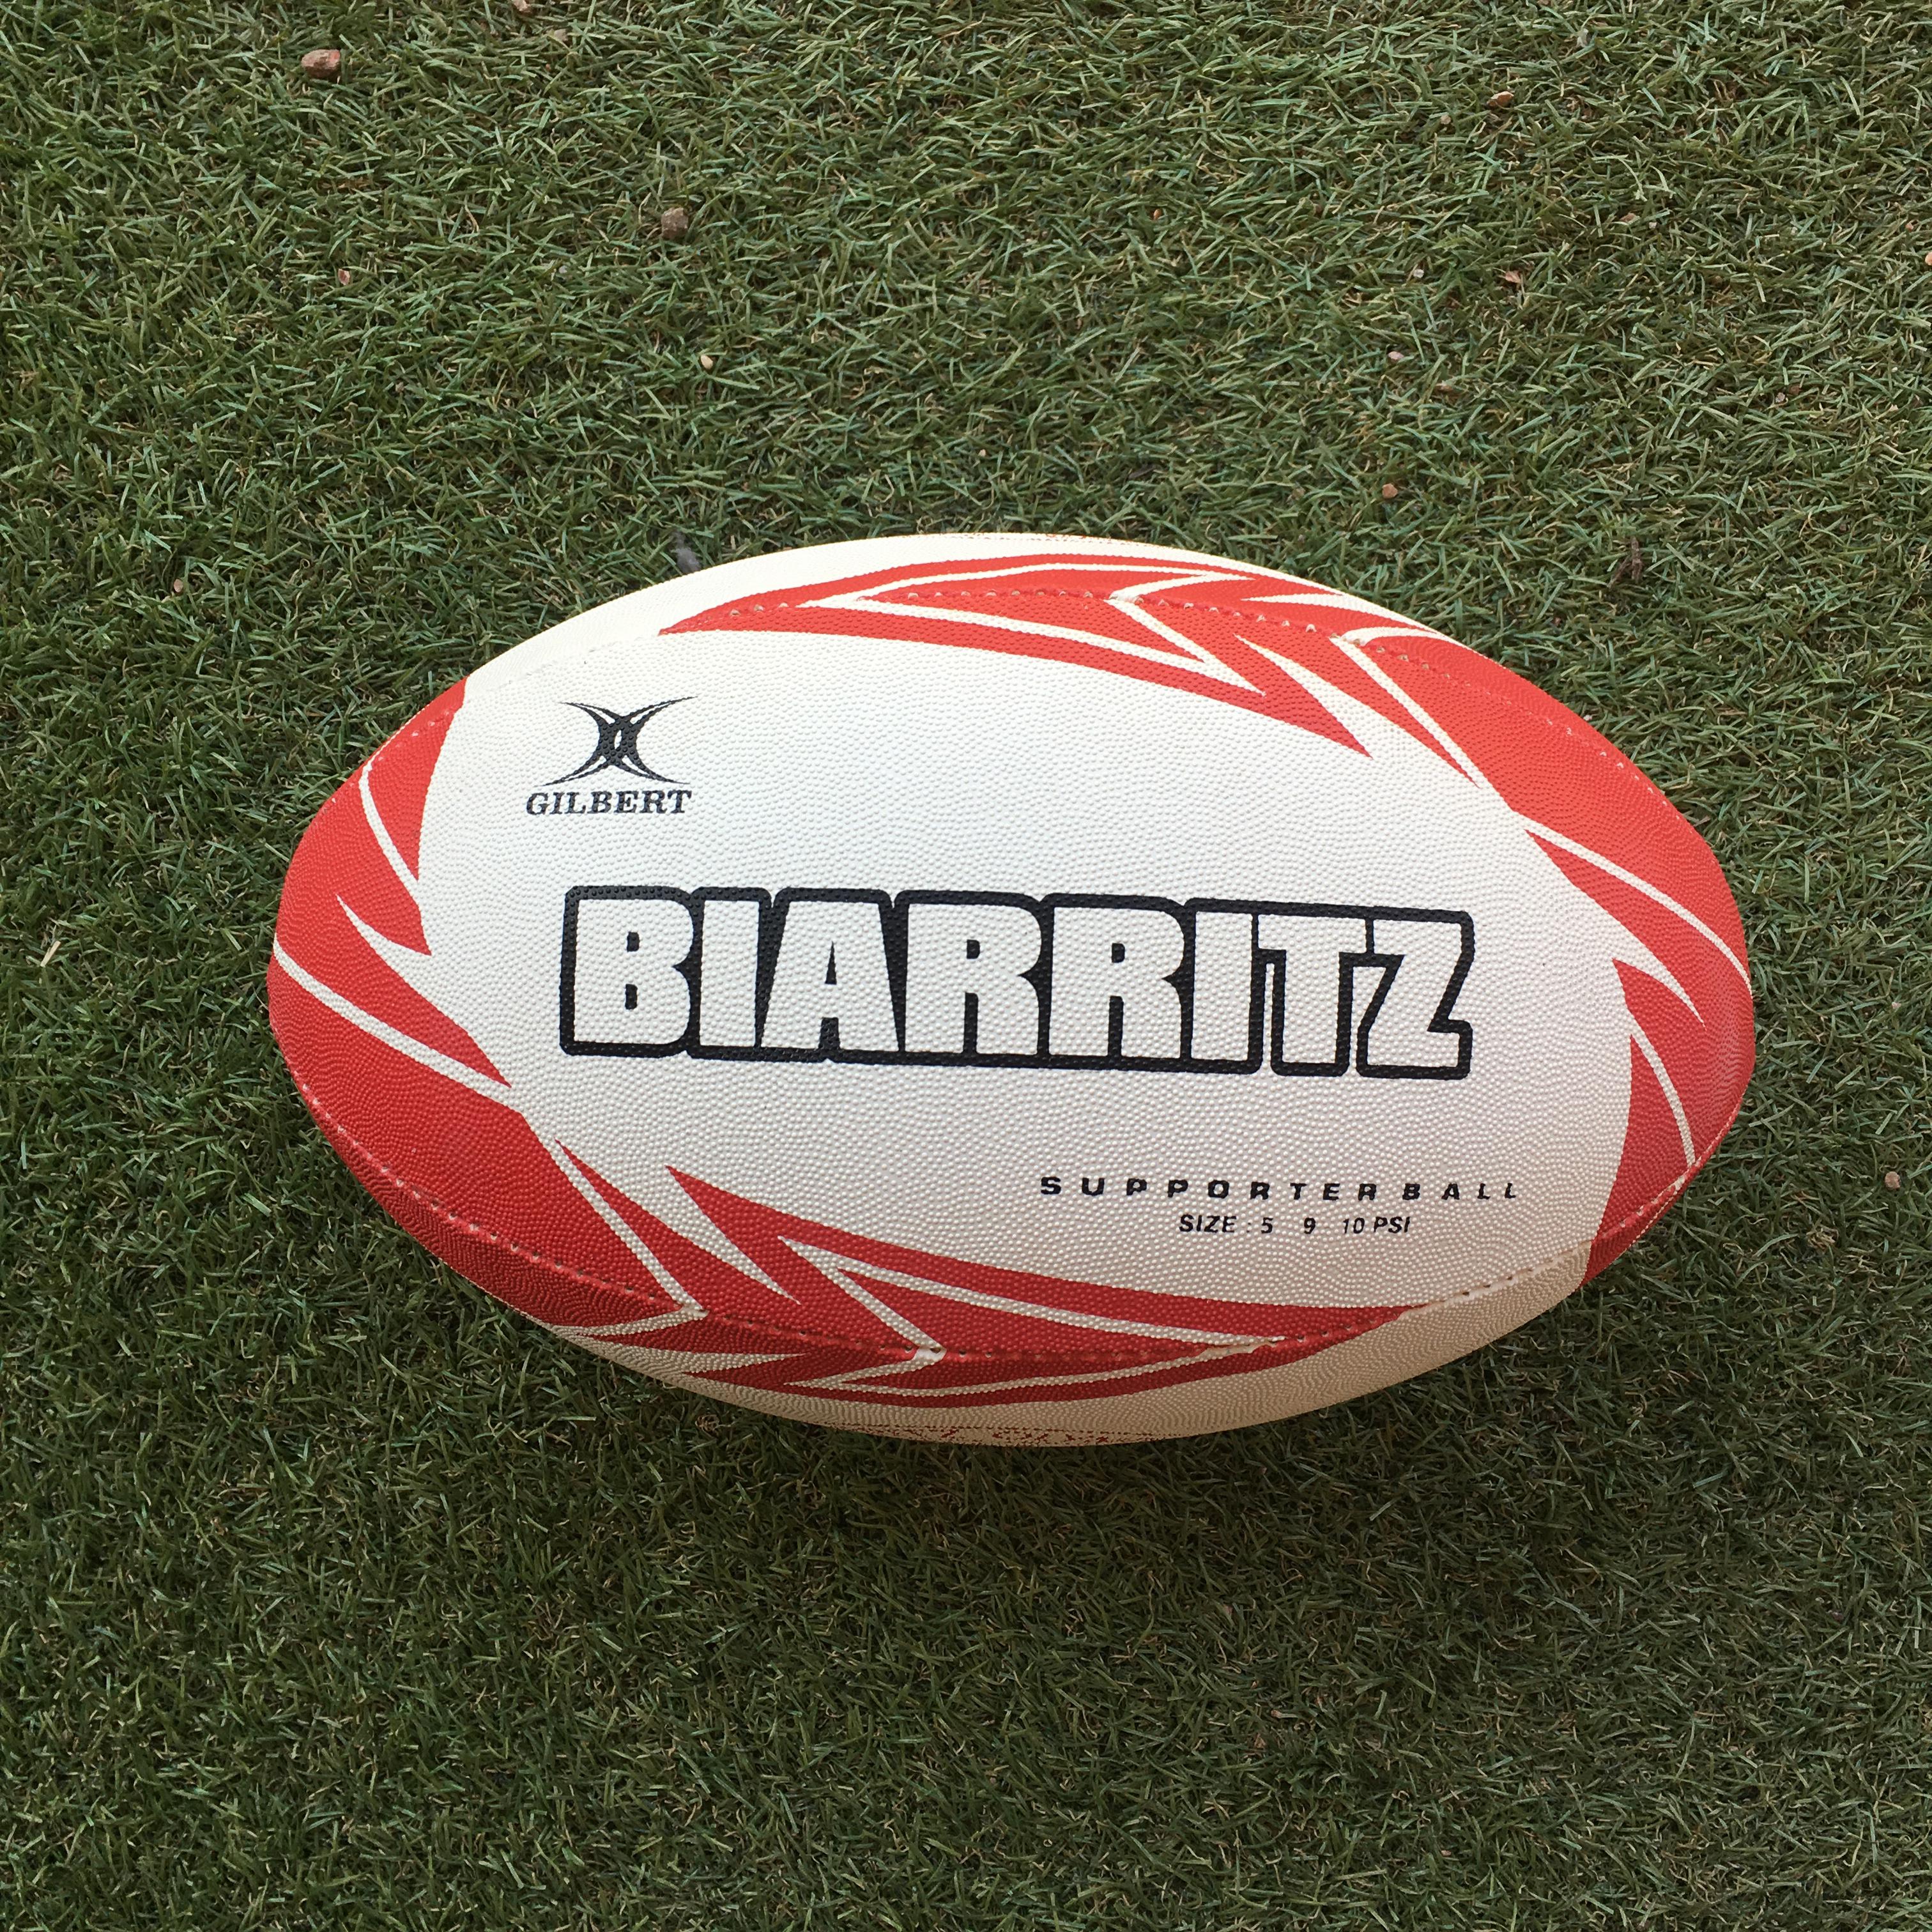 28d66a437cc5a Pelota De Rugby Biarritz Gilbert – Nro 5